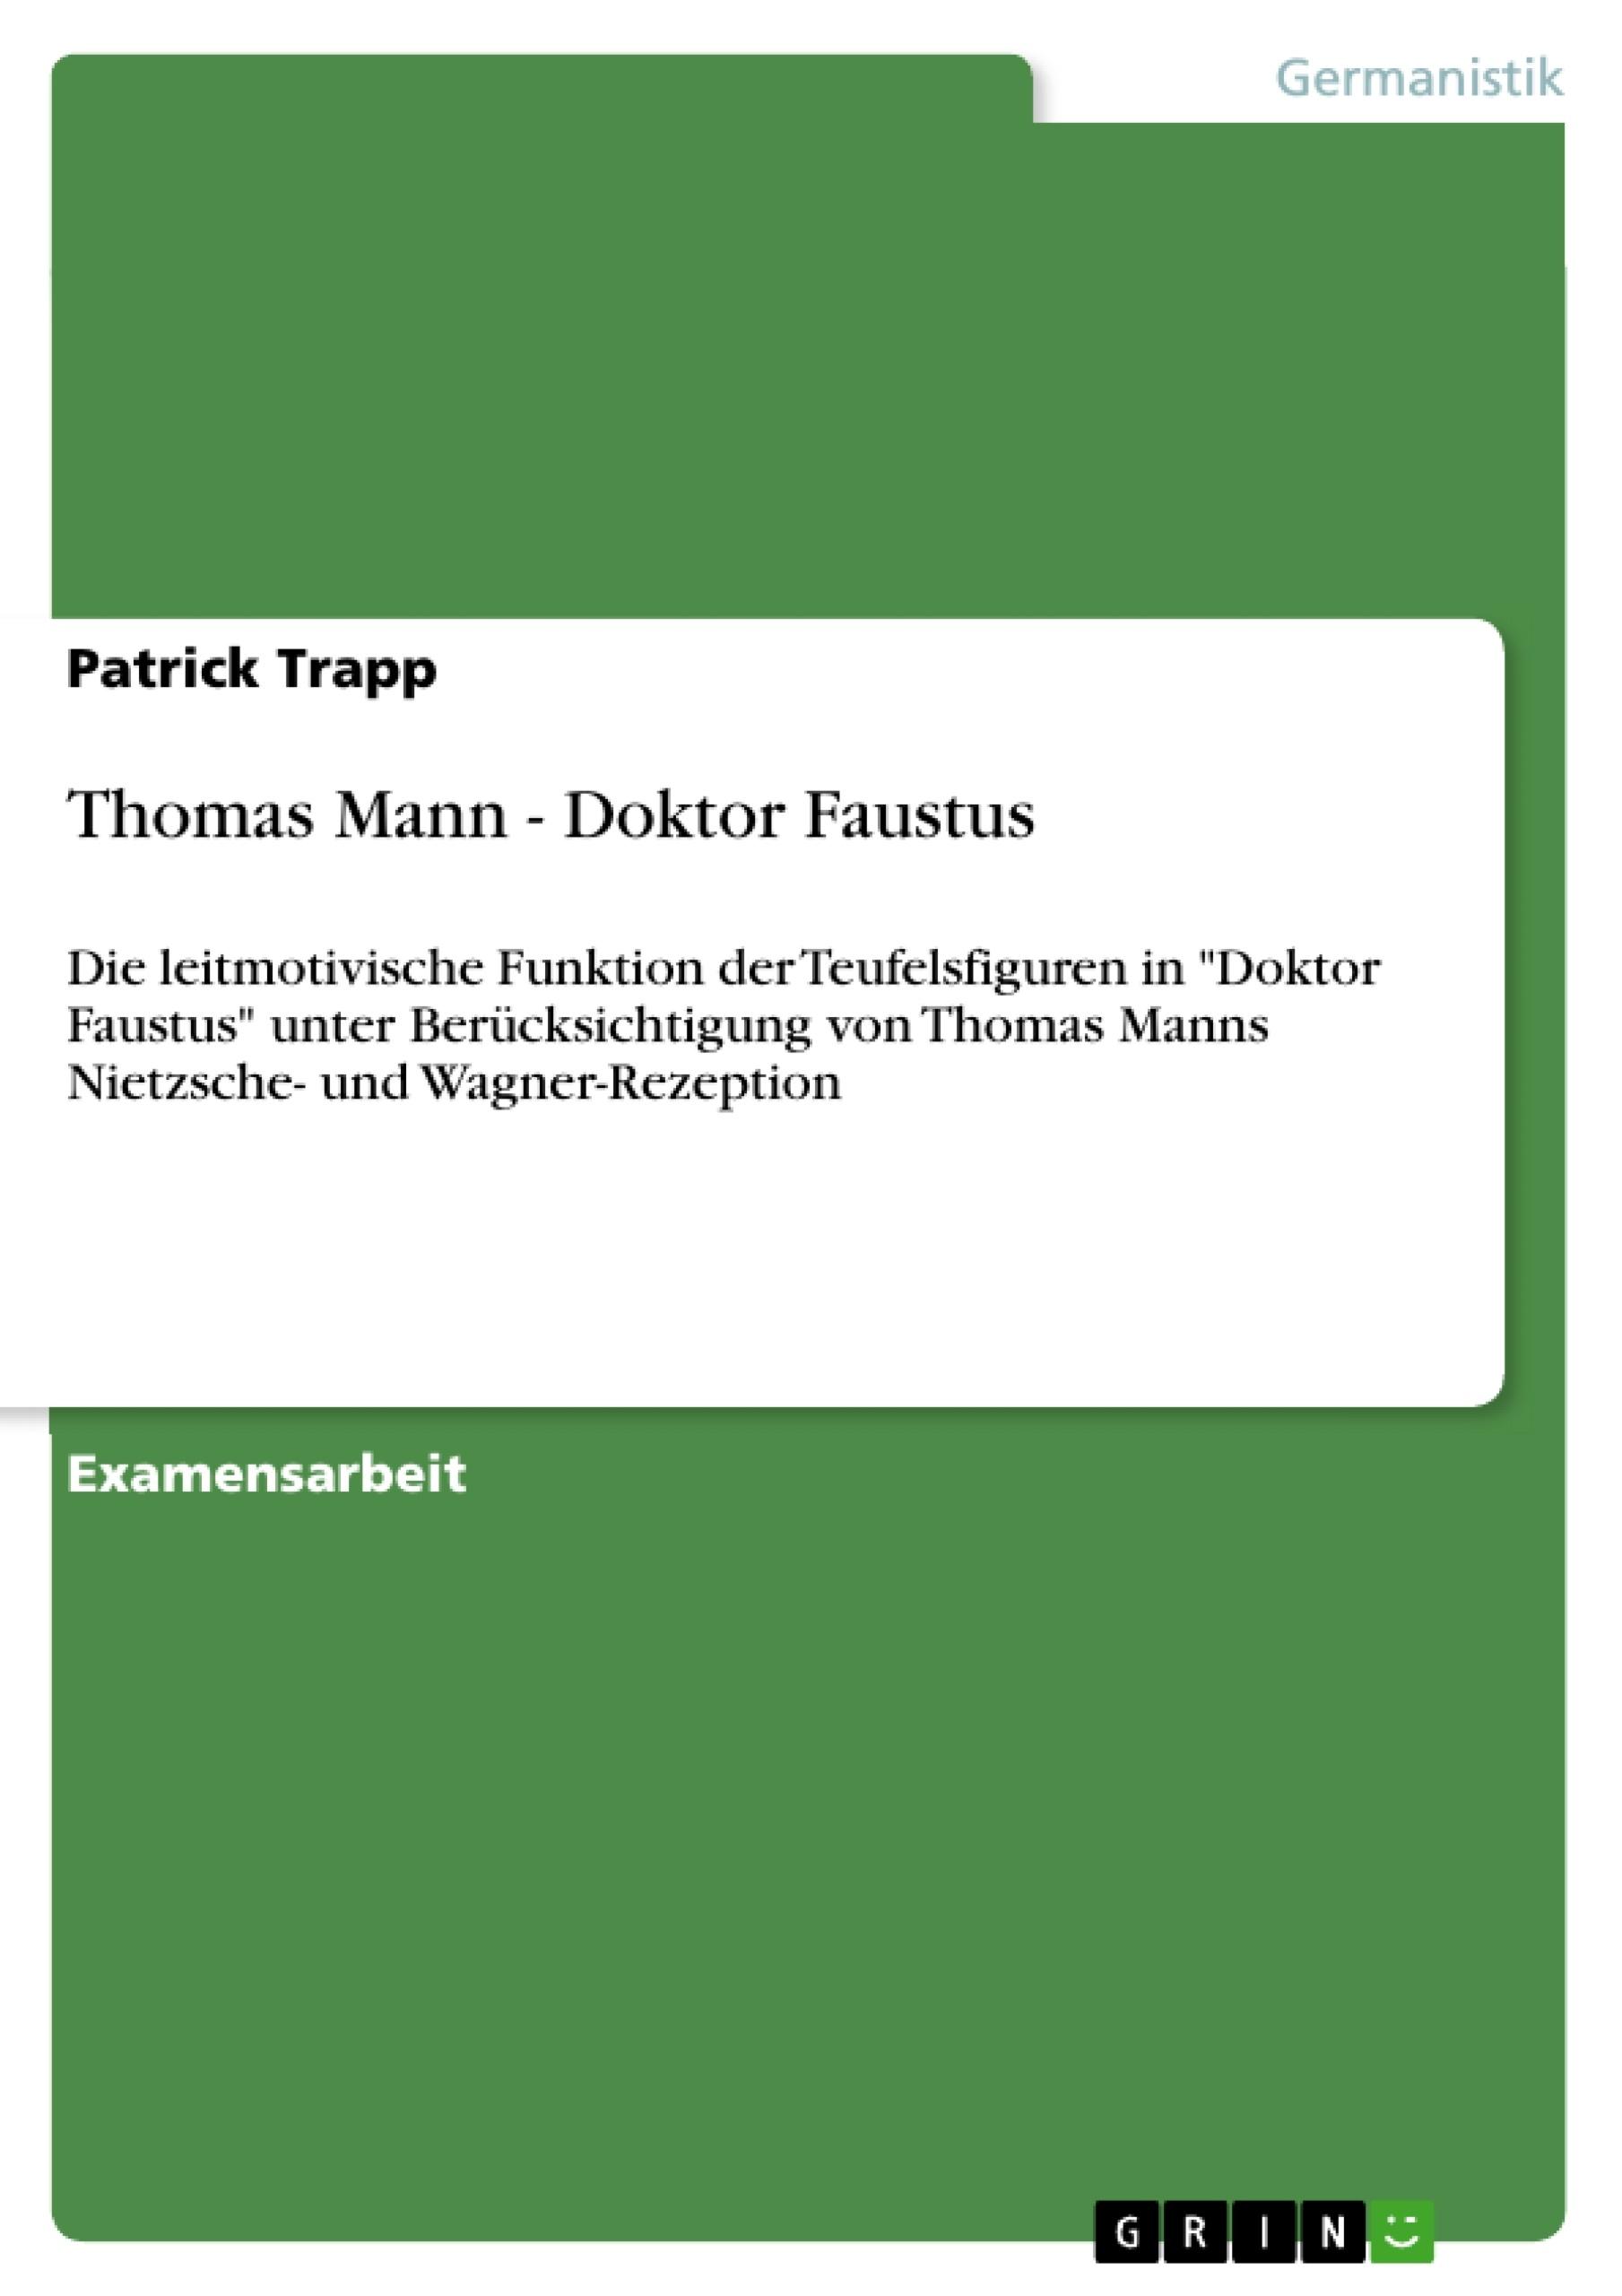 Titel: Thomas Mann - Doktor Faustus